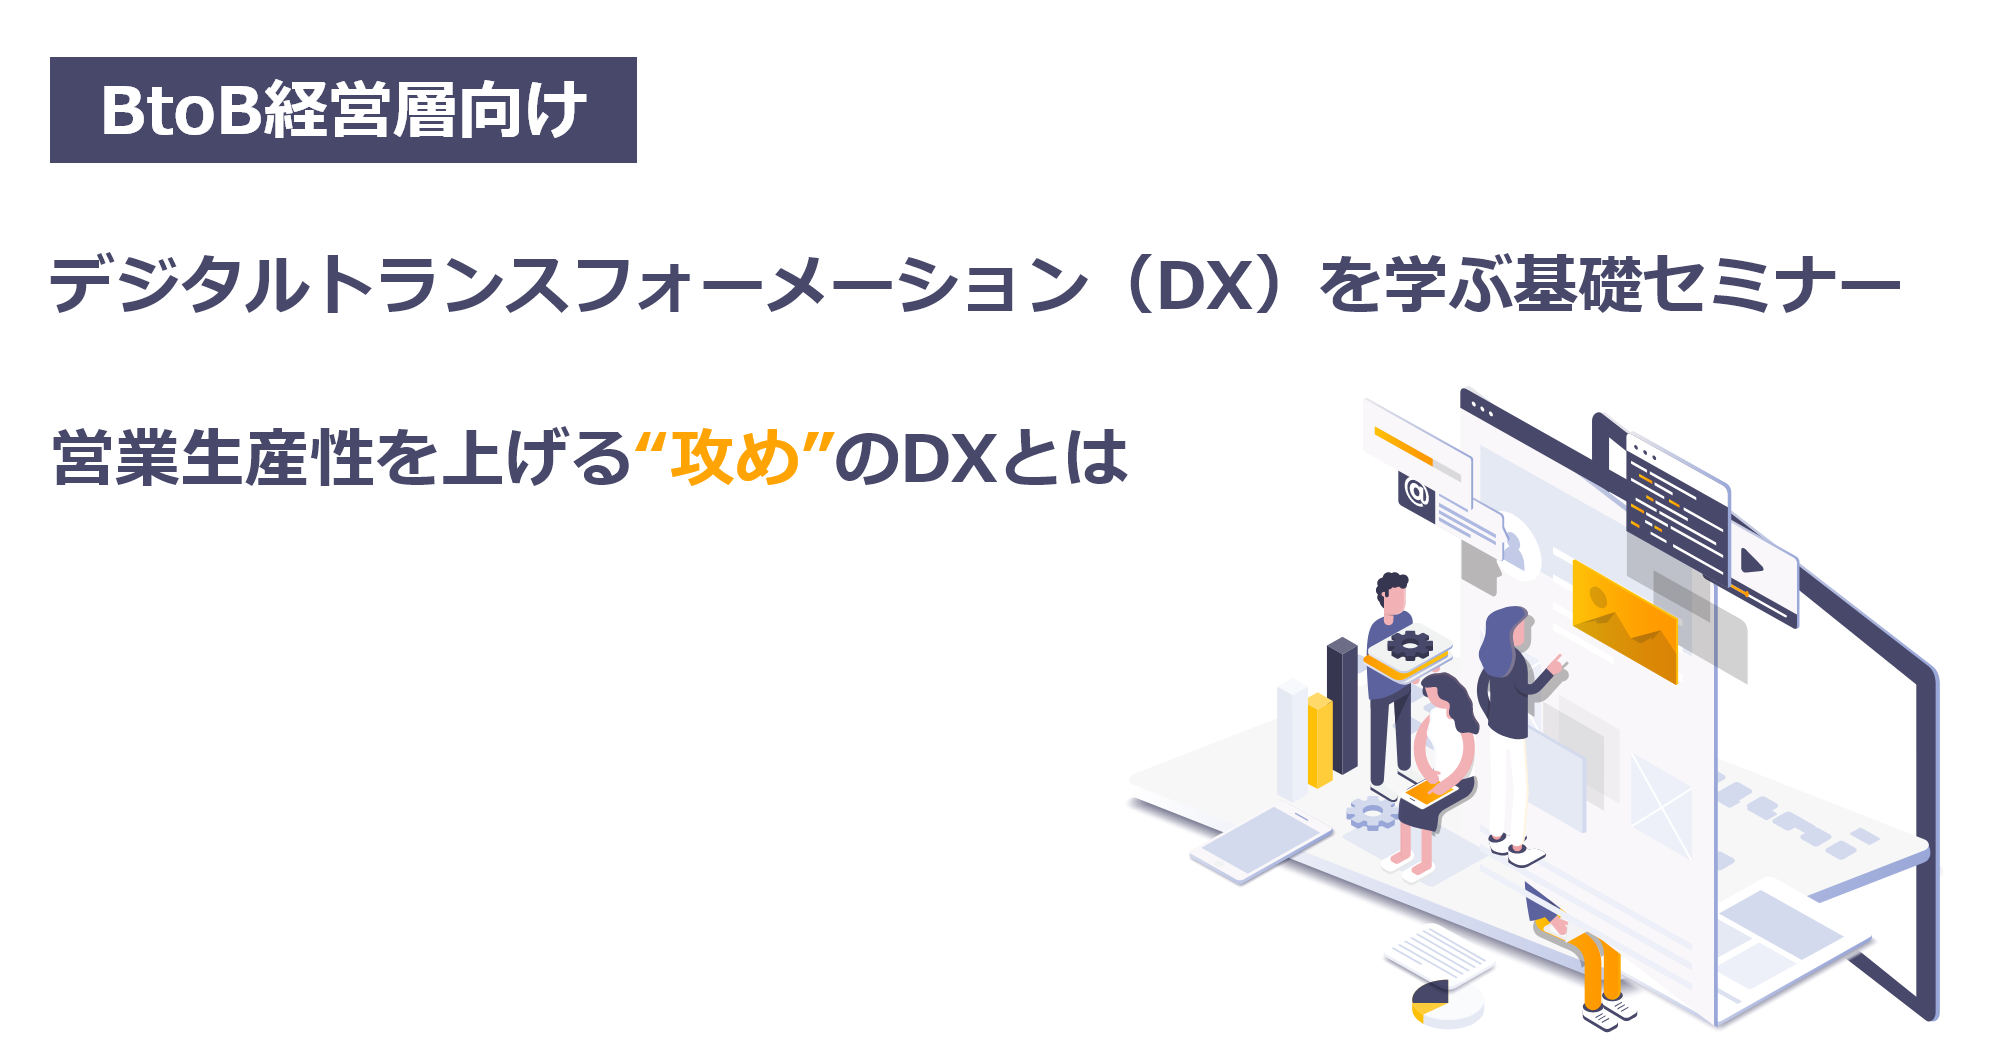 """【全2日程】BtoB経営層向け!デジタルトランスフォーメーション(DX)を学ぶ基礎セミナー 営業生産性を上げる""""攻め""""のDXとは"""